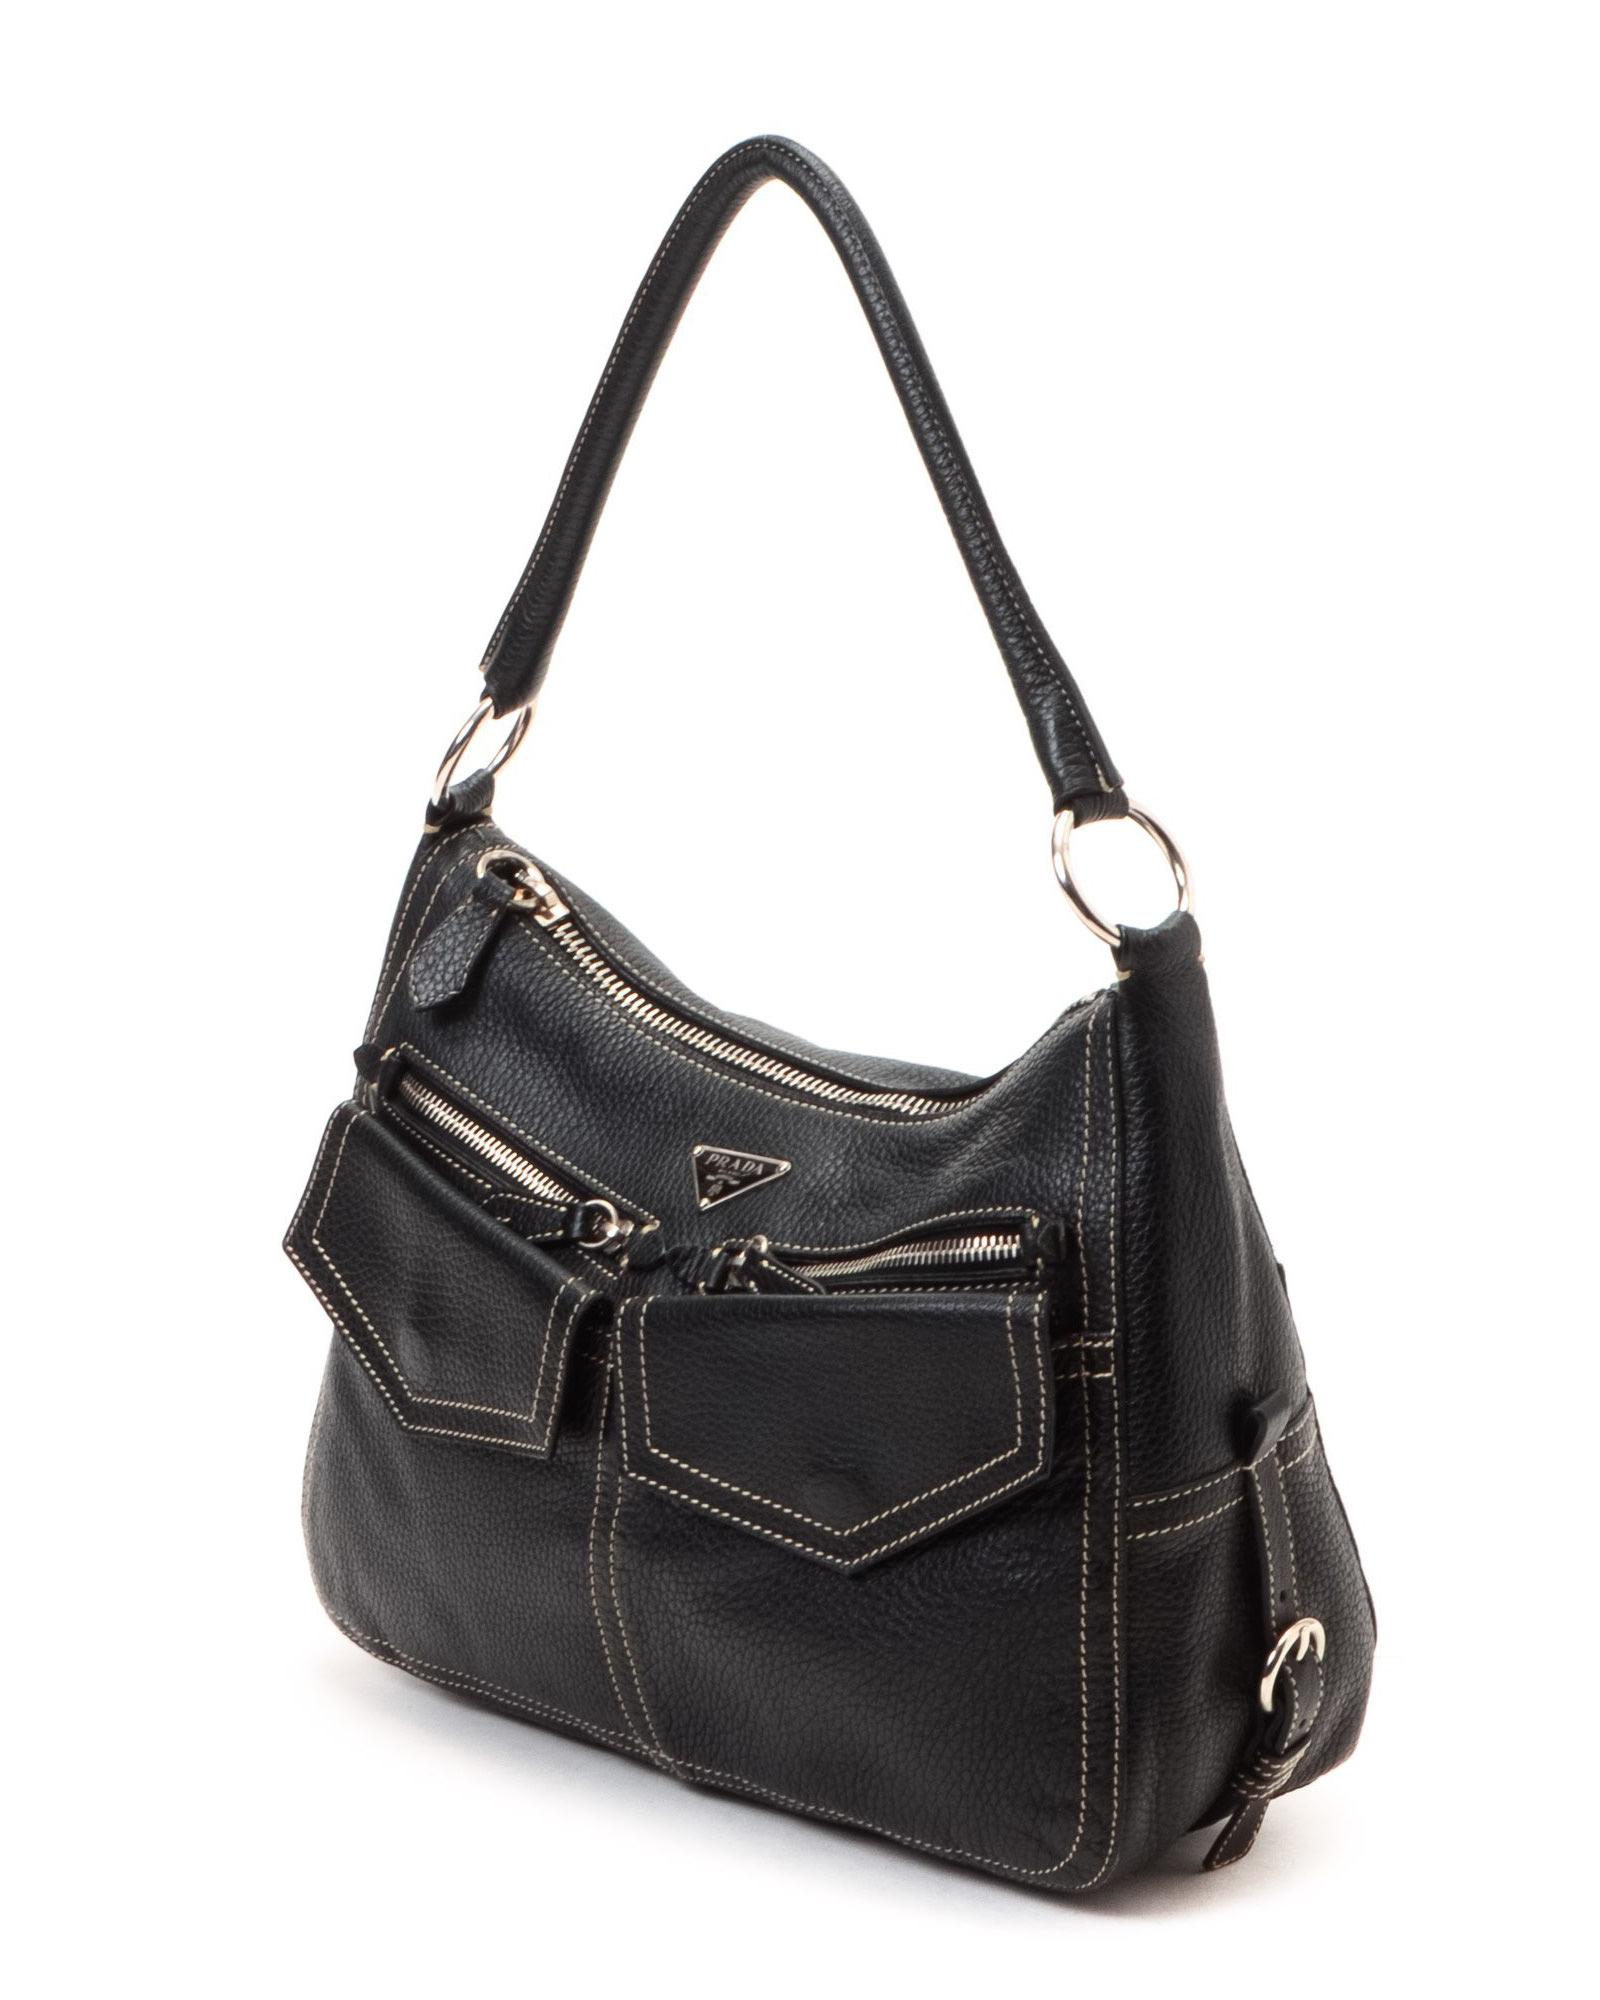 saffiano lux double-zip tote bag - Prada Shoulder Bag - Vintage in Black | Lyst